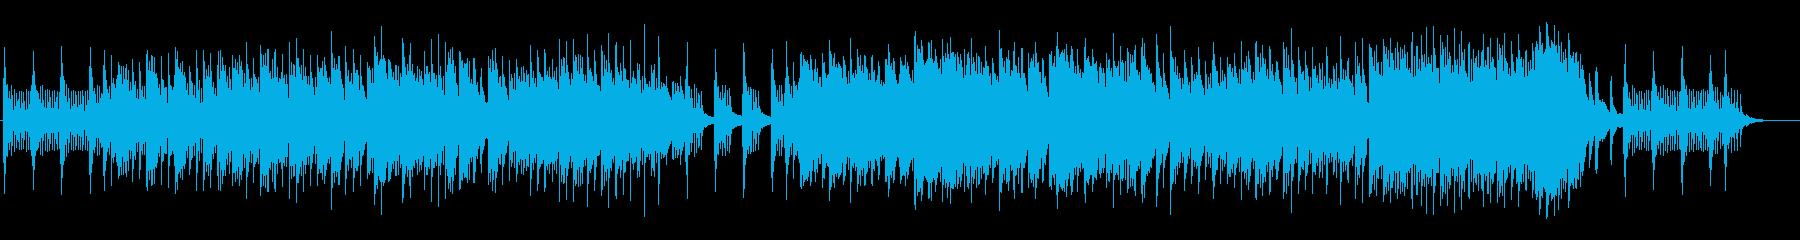 雪の結晶の煌めきを表現したピアノ独奏曲の再生済みの波形